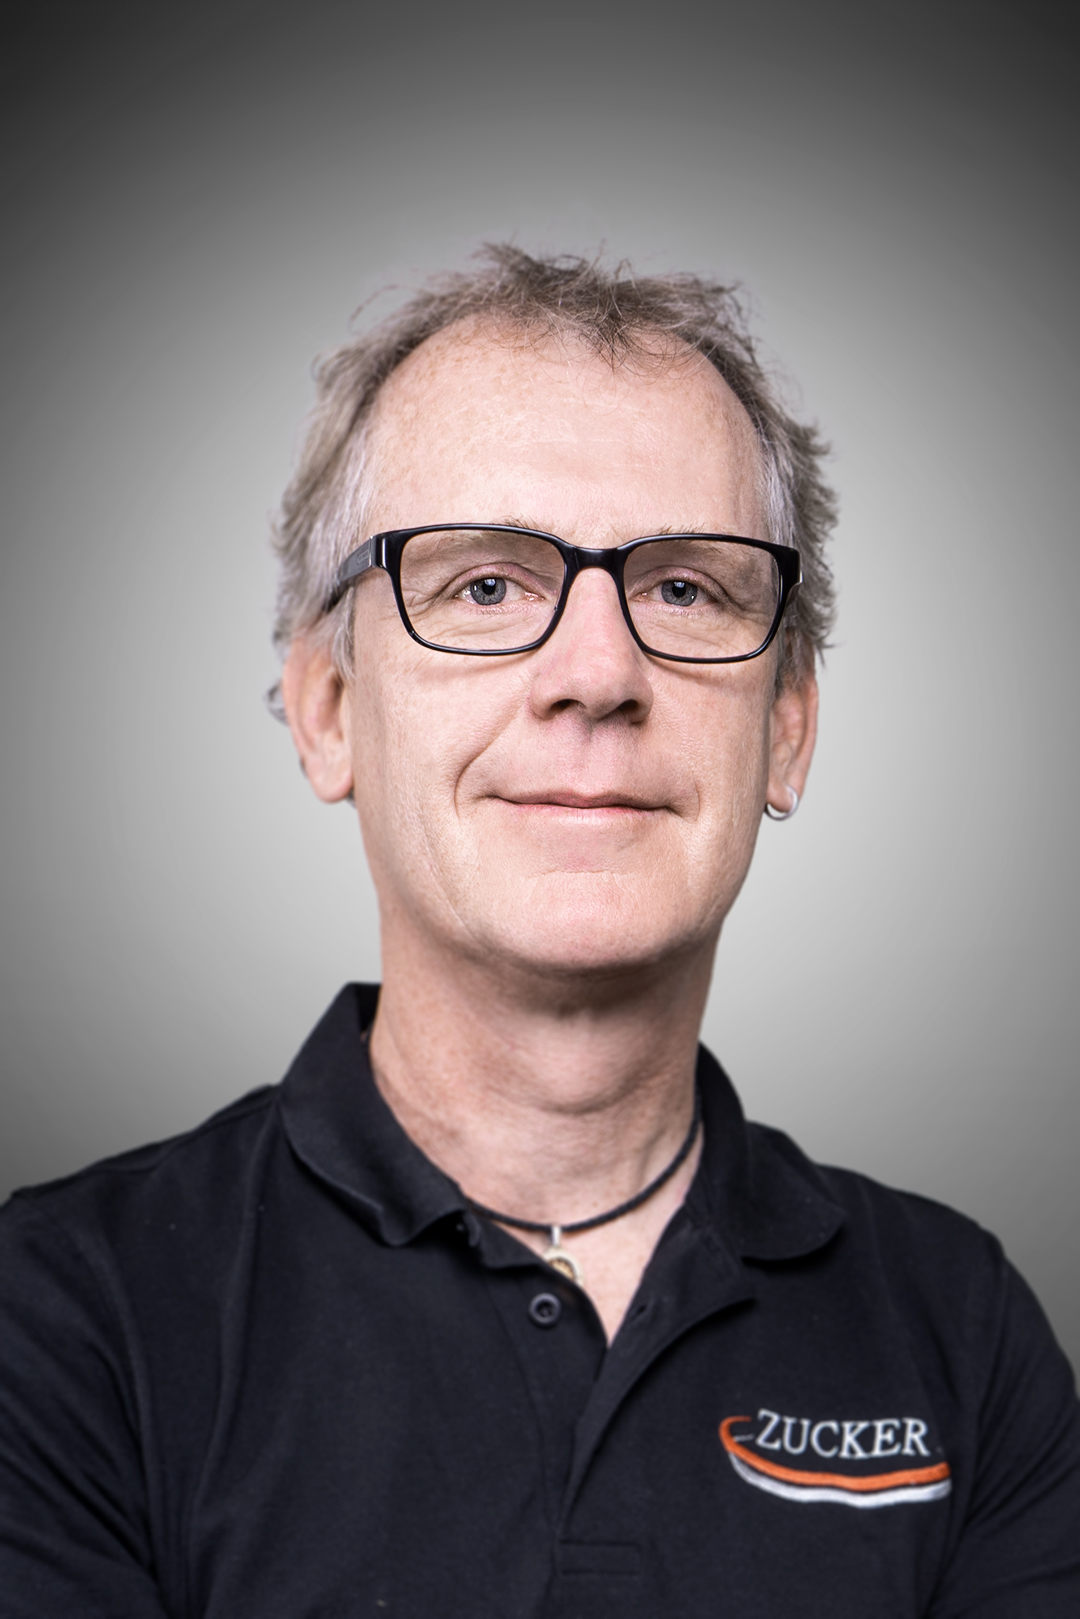 Bernd Zucker